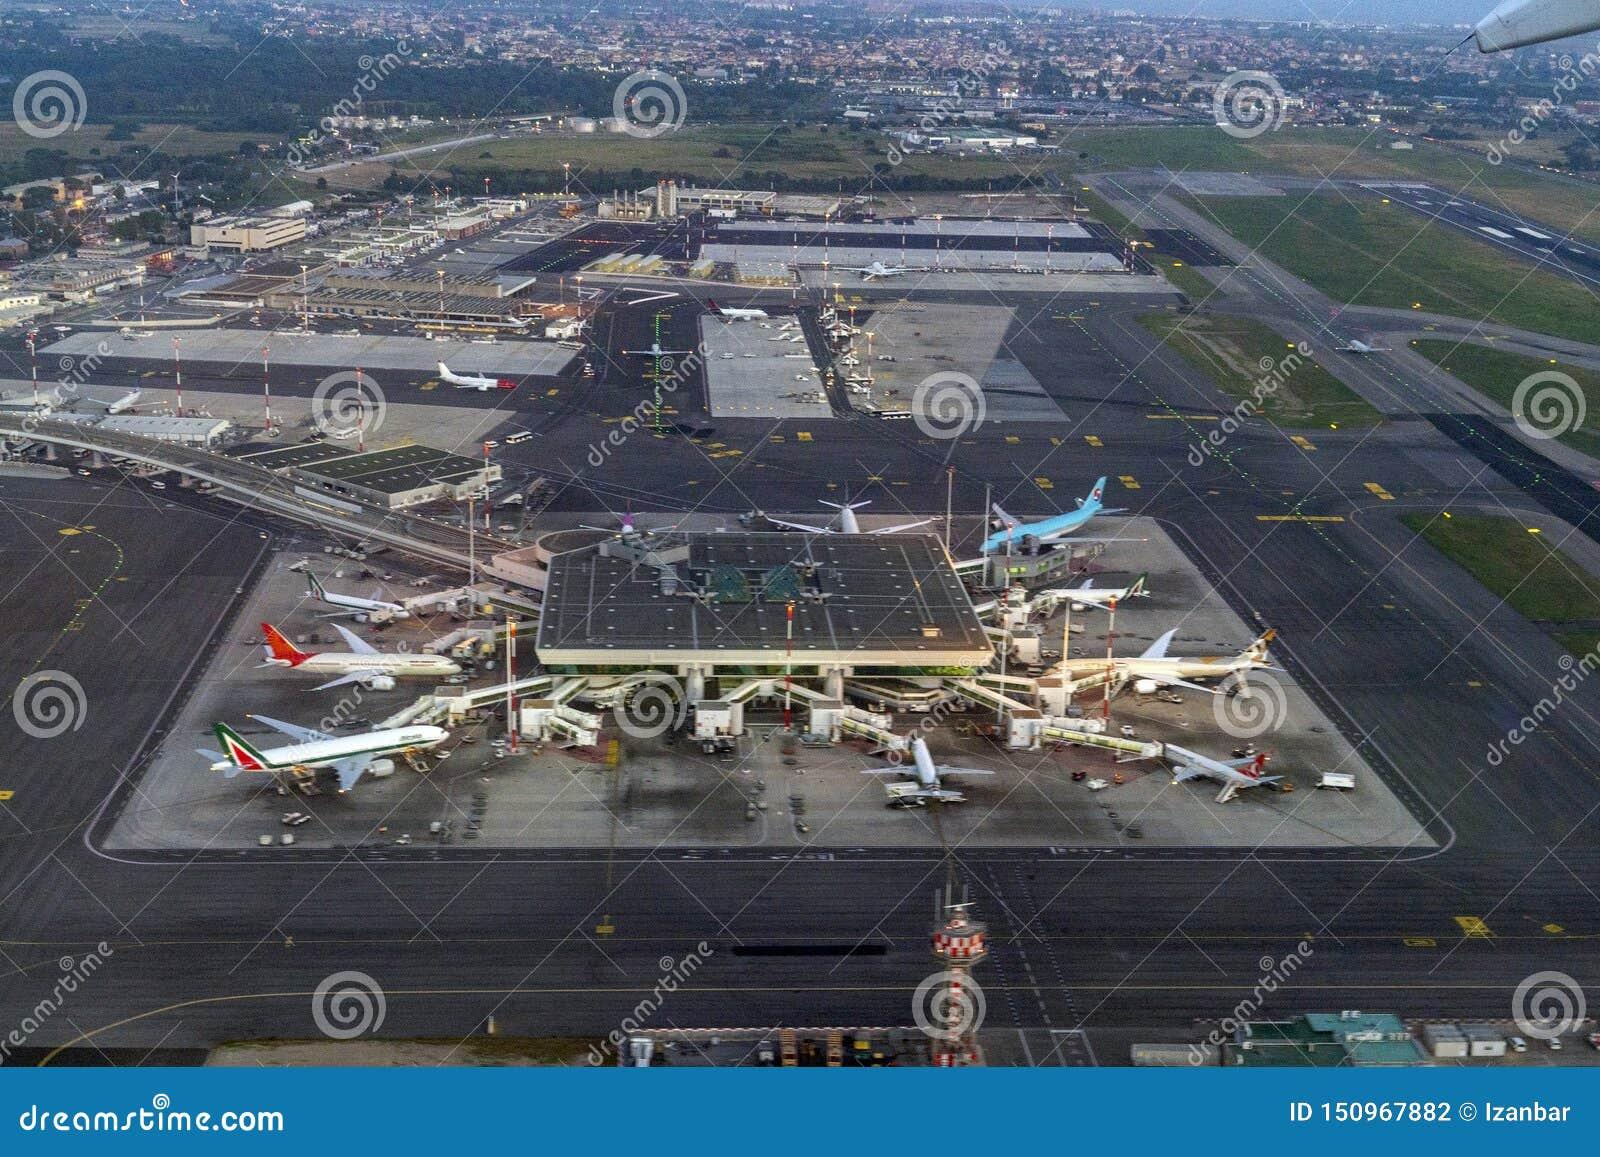 FIUMICINO, ИТАЛИЯ - 16-ОЕ ИЮНЯ 2019 - вид с воздуха международного аэропорта Рима